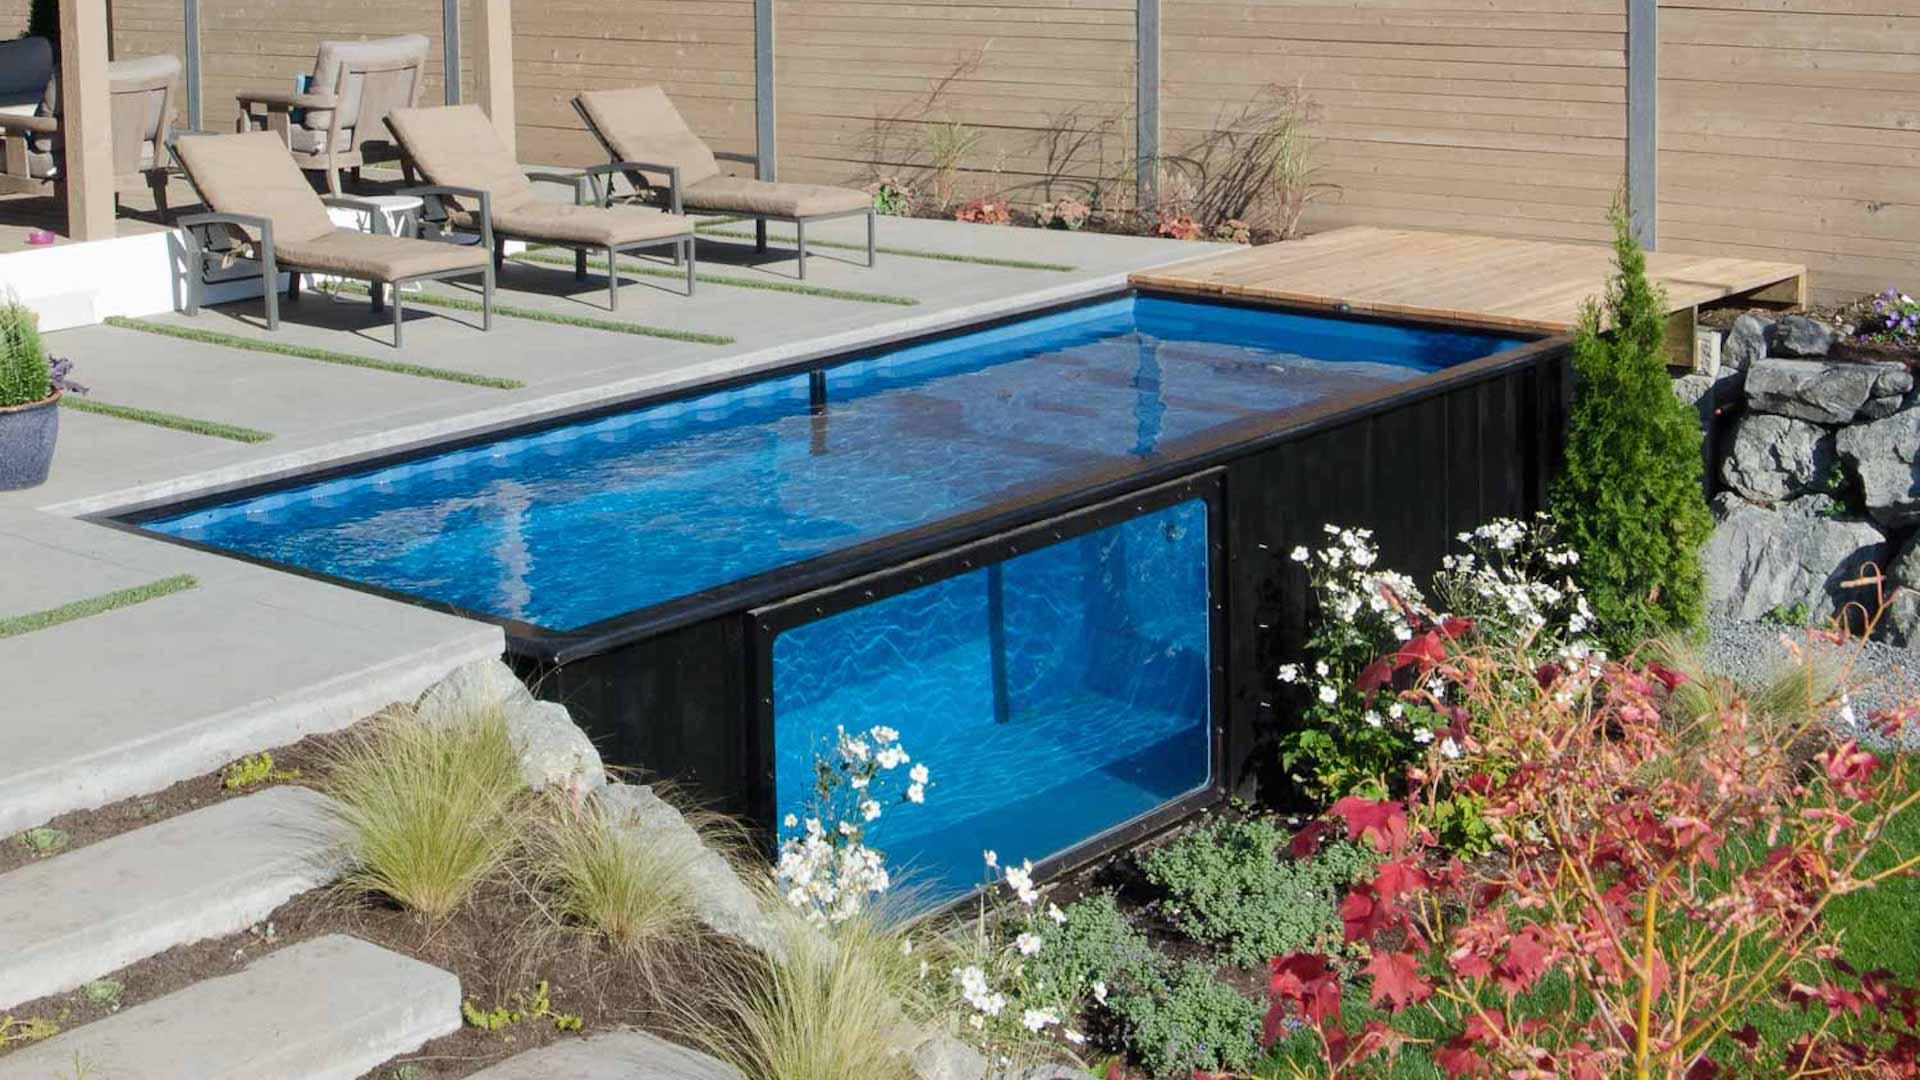 [Imágenes] Las revolucionaras piscinas hechas con contenedores están a la venta